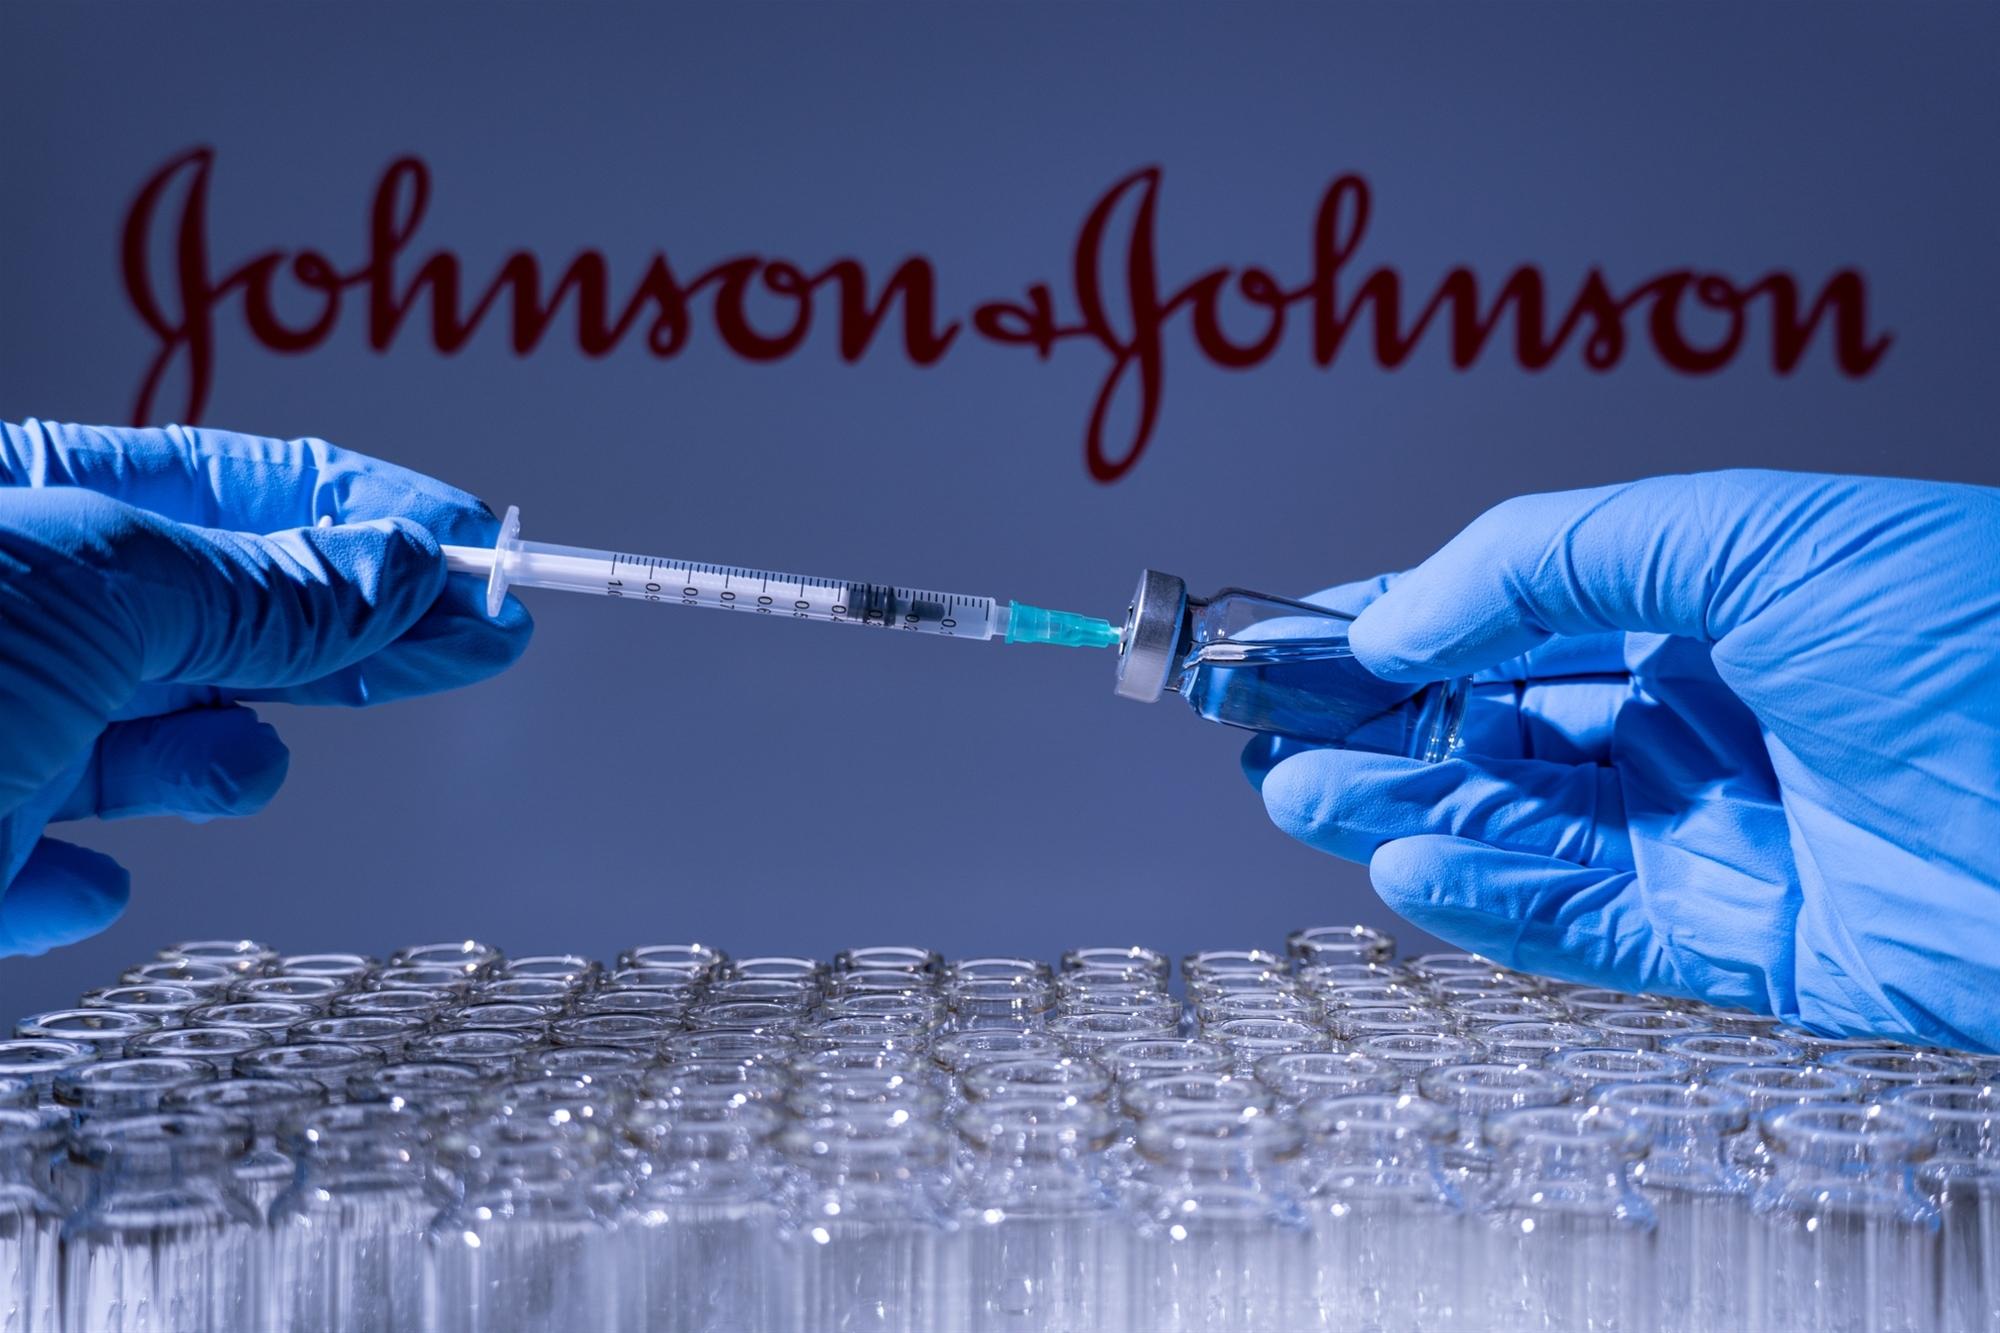 """Εμβόλιο Johnson & Johnson """"Ελευθερία"""": Το μονοδοσικό εμβόλιο της Johnson & Johnson μπαίνει από σήμερα στη «μάχη» κατά του κορωνοϊού"""